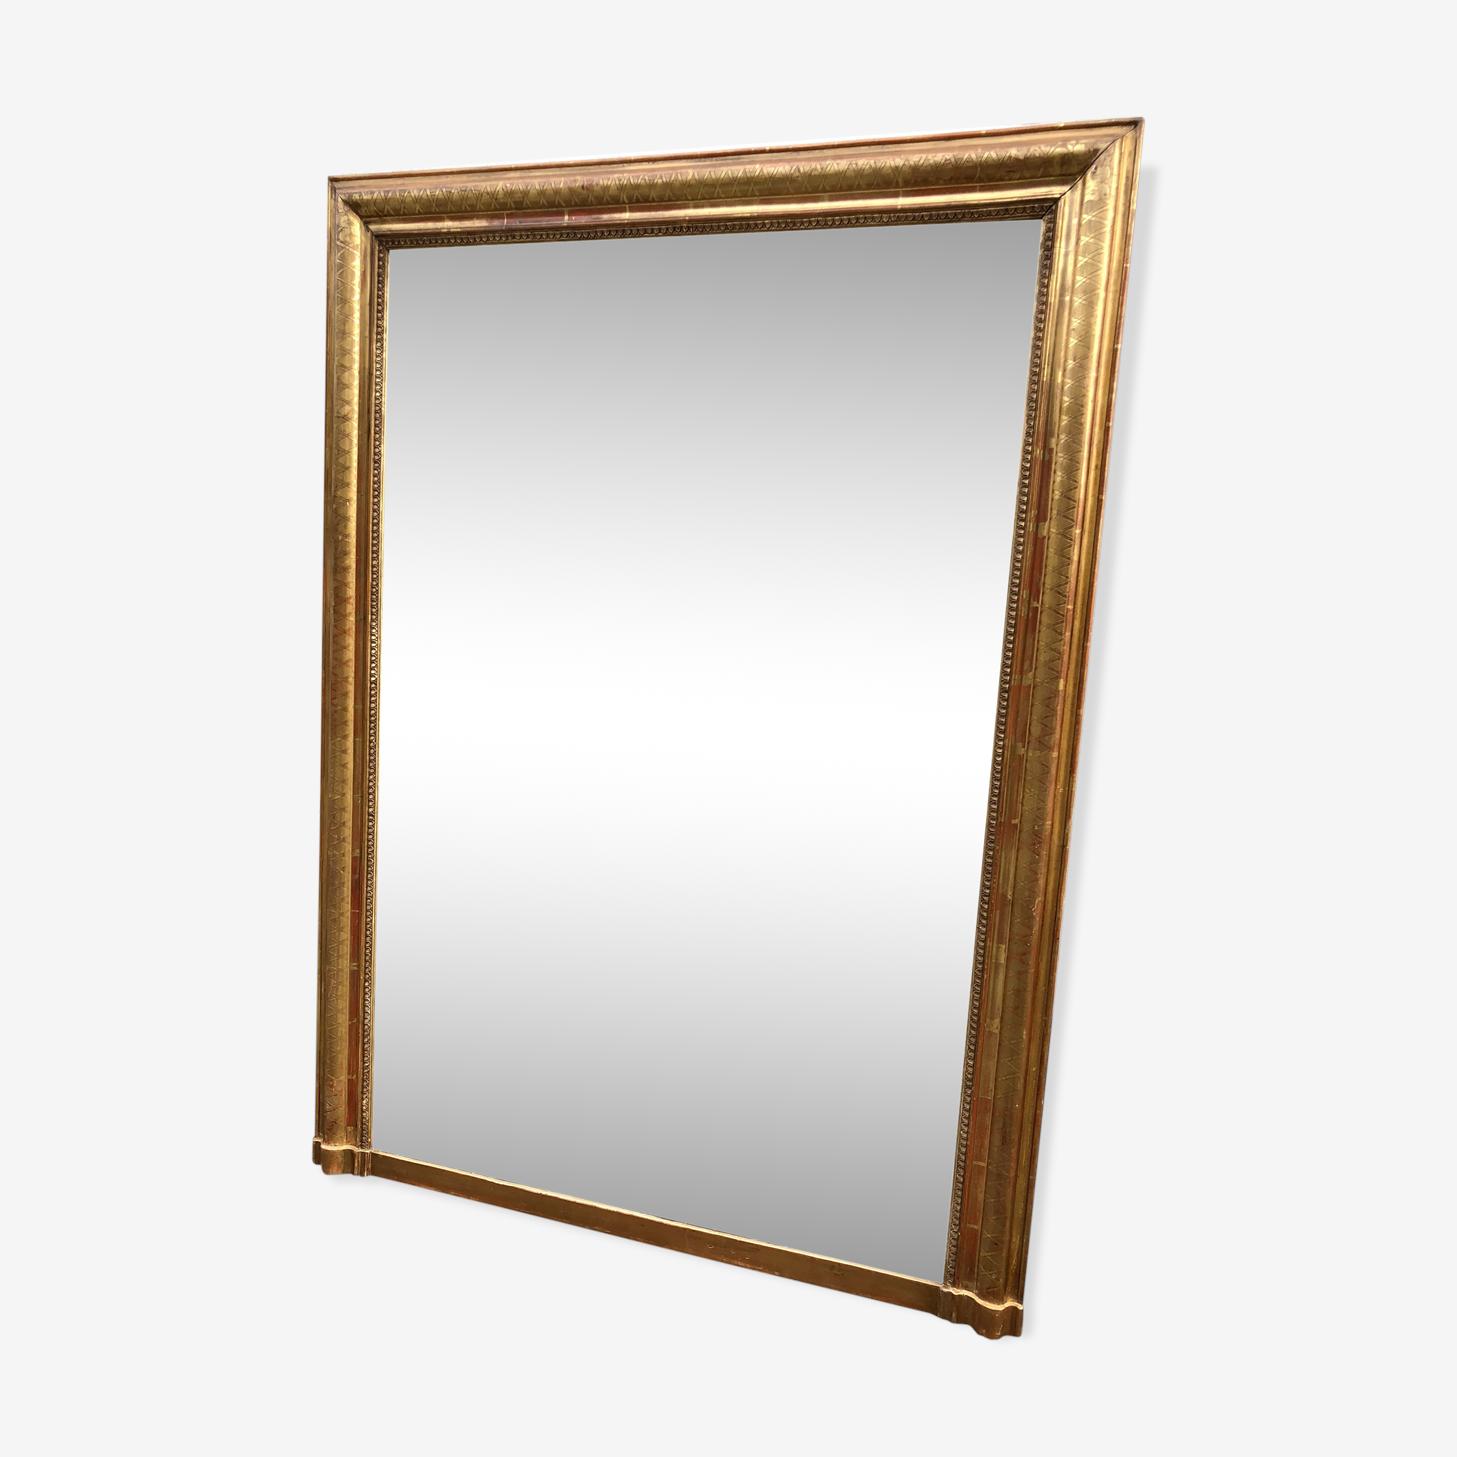 Grand miroir Louis Philippe 134X98 cm